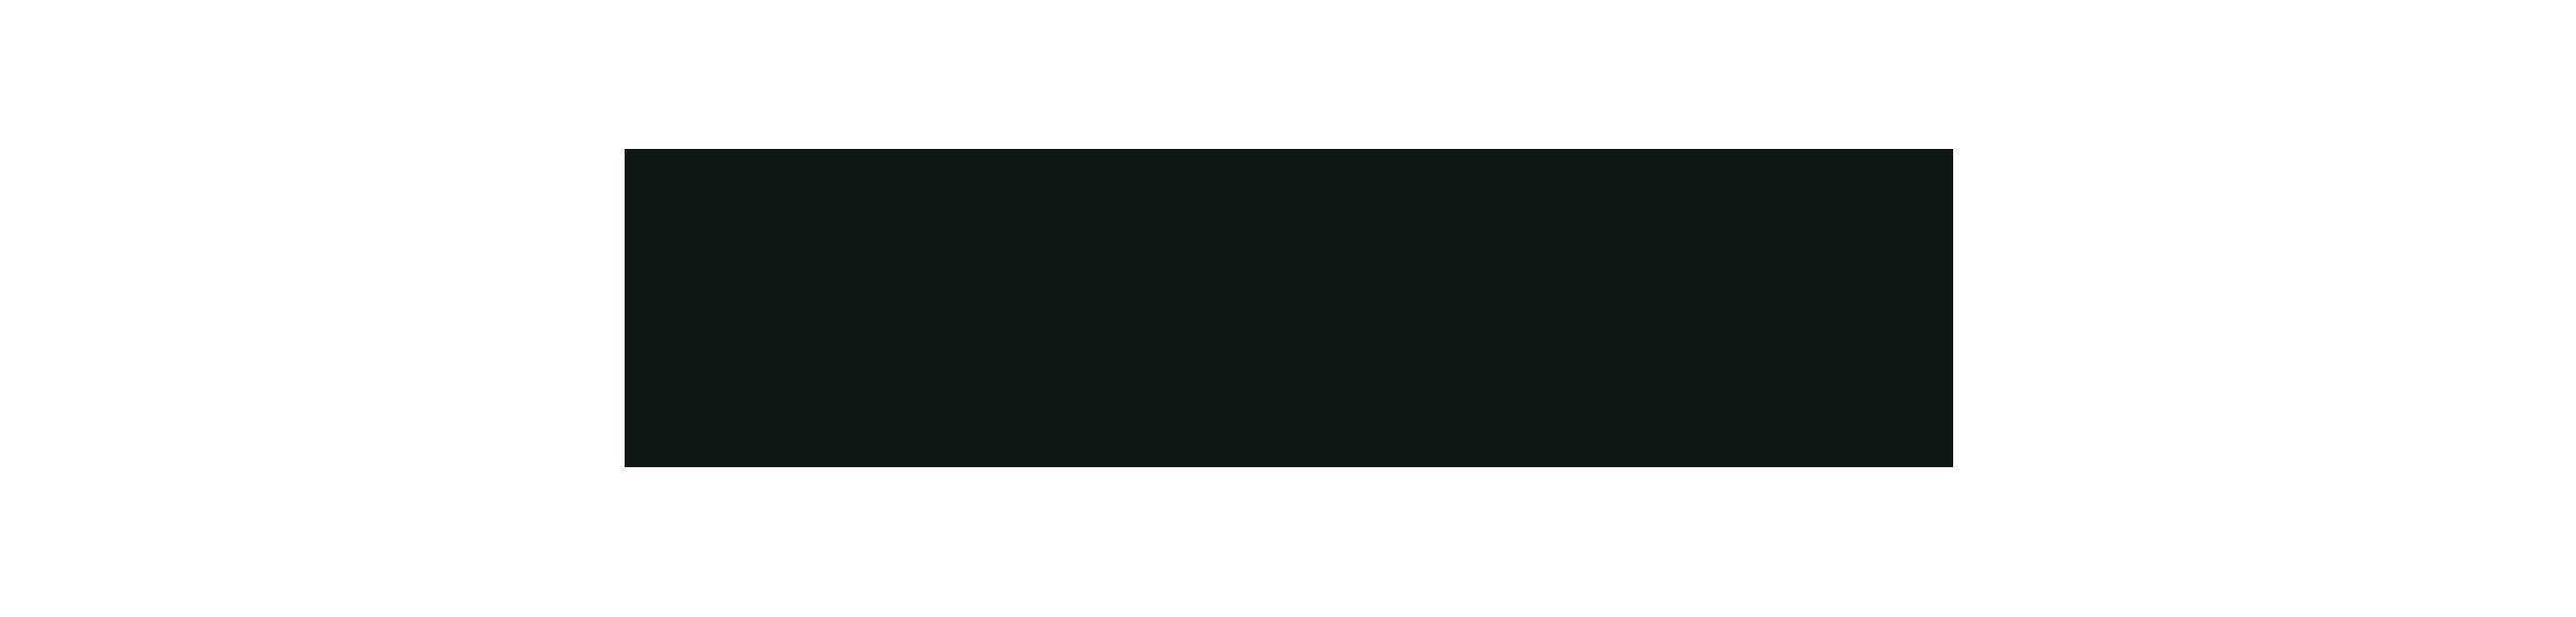 Mr Manok